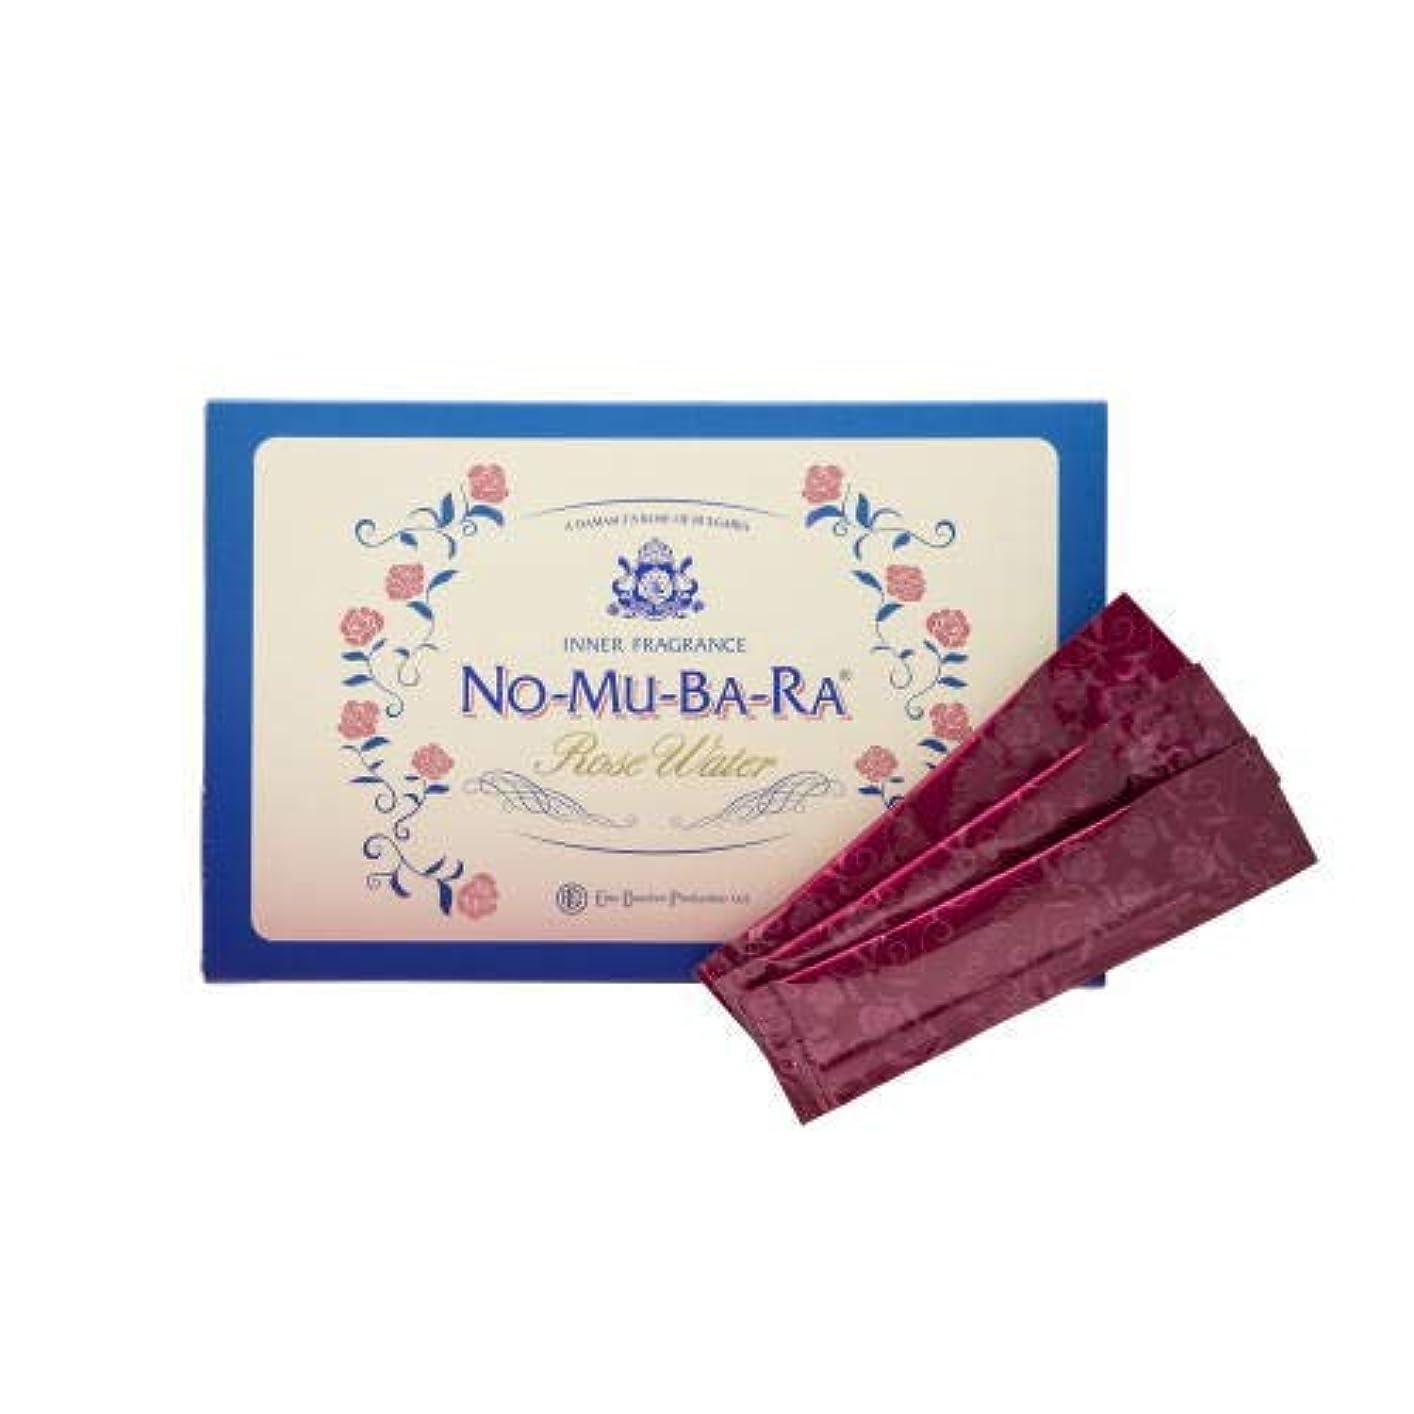 吸収する髄粘り強いNO-MU-BA-RA NO-MU-BA-RA(ノムバラ)(35包入)×2箱【モンドセレクション受賞】